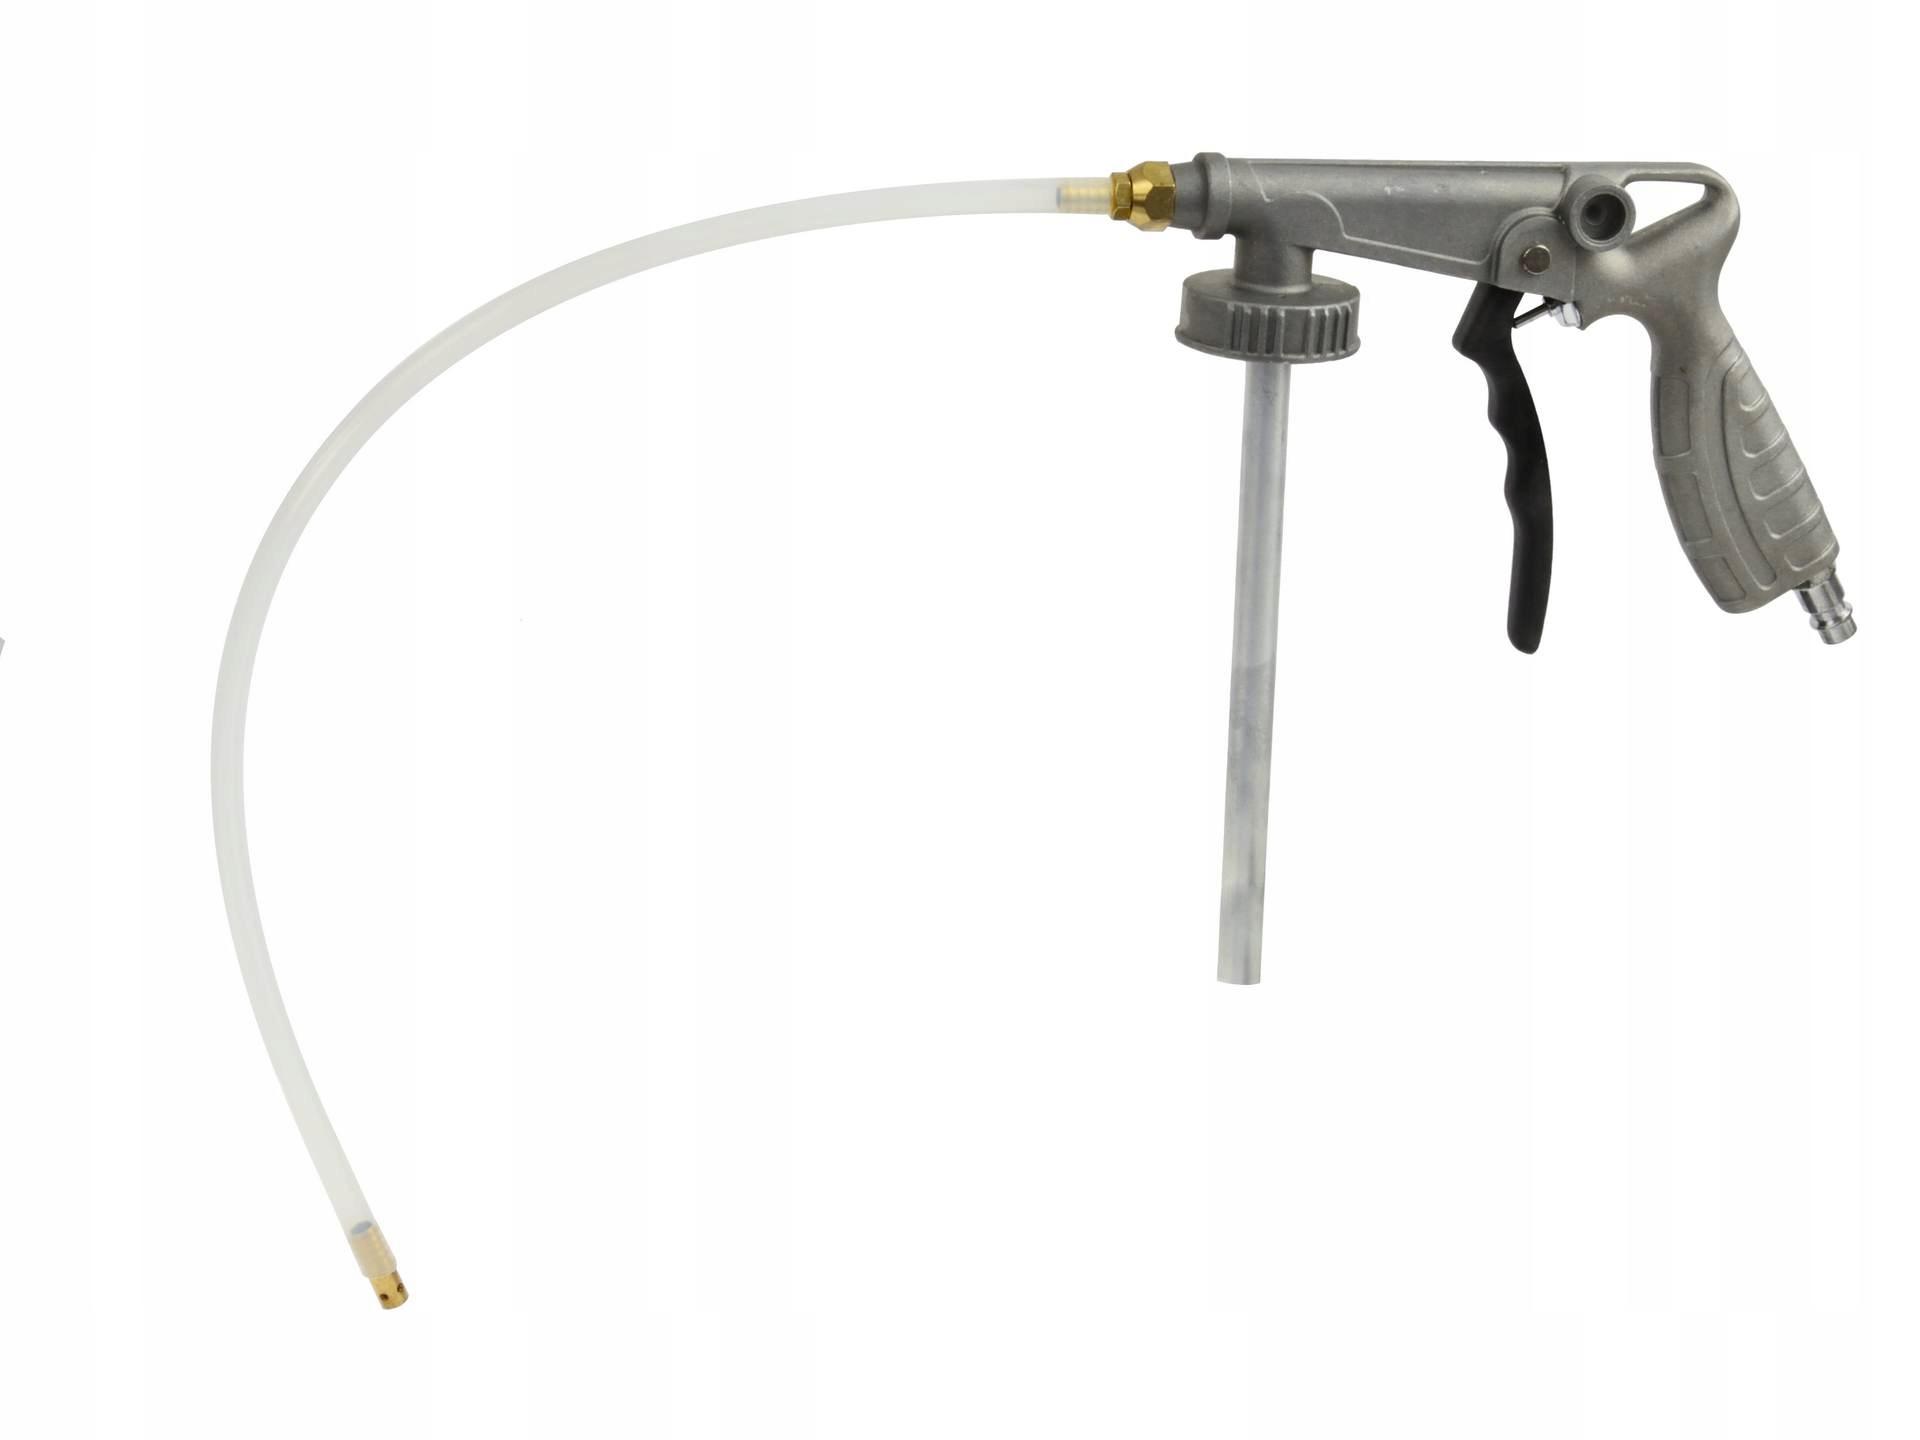 NOVOL средство защиты кузова ягненок + пистолет номер детали производителя 99714